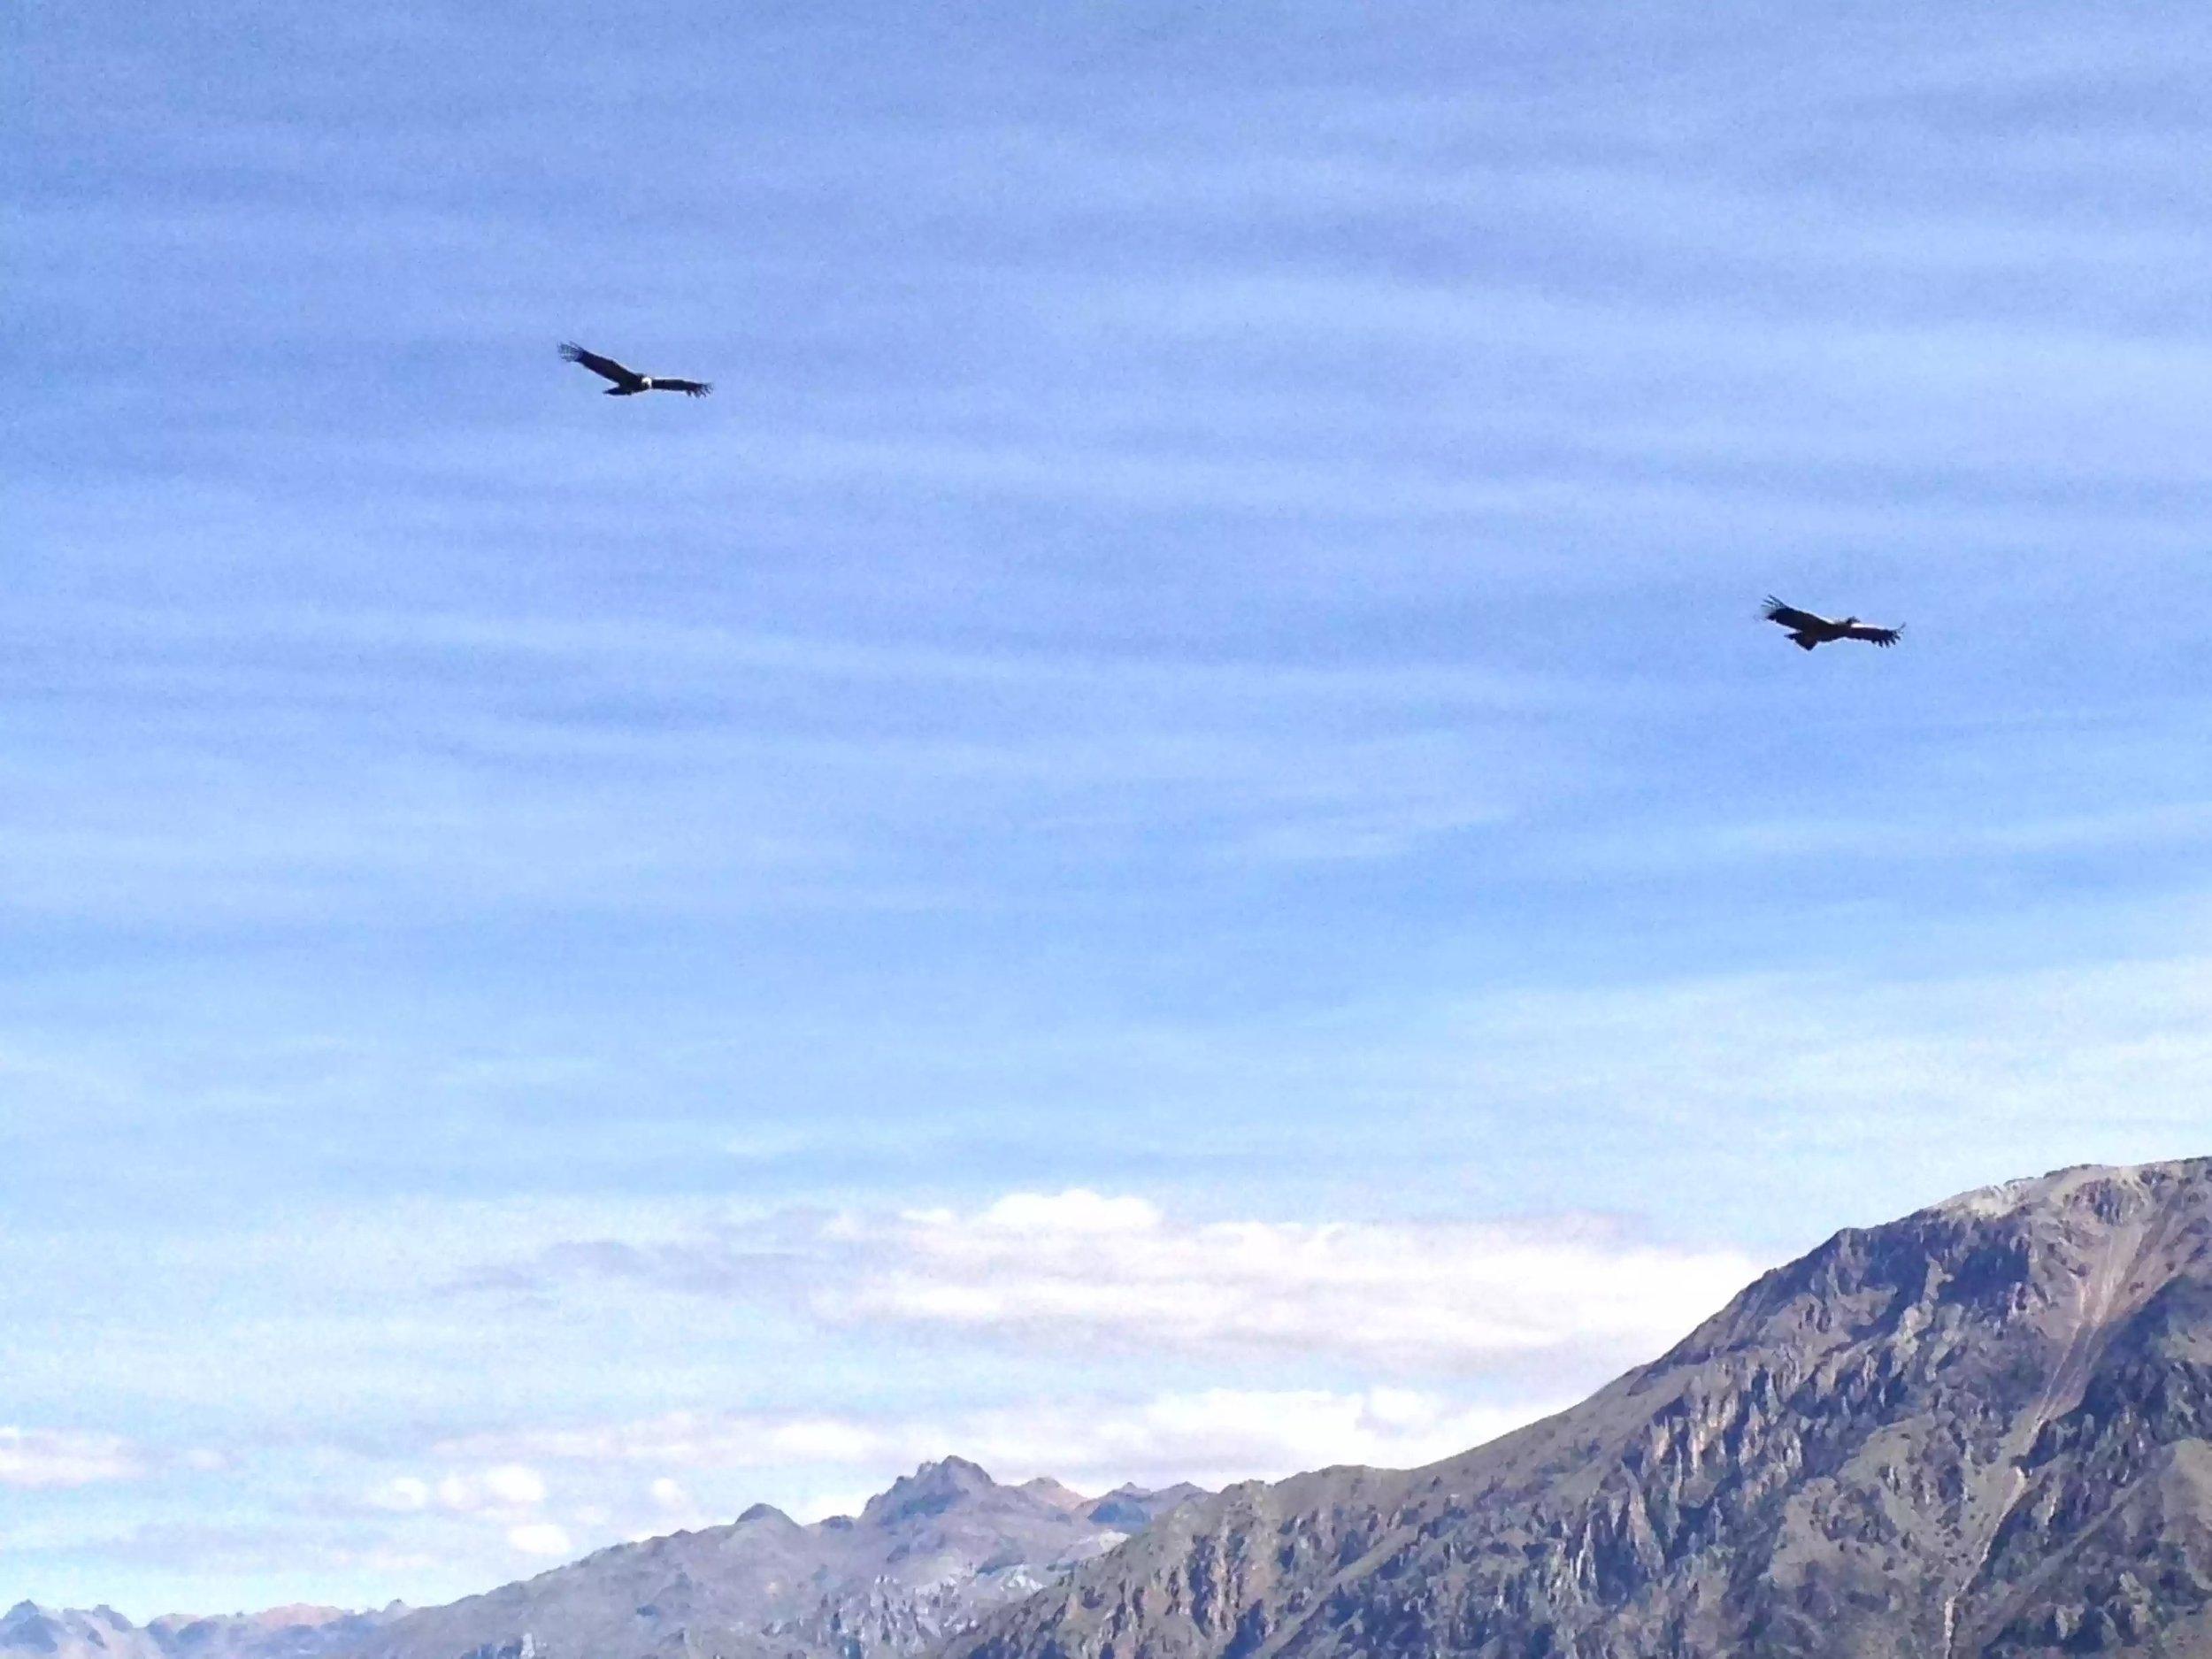 Magnificent Condors soaring above.